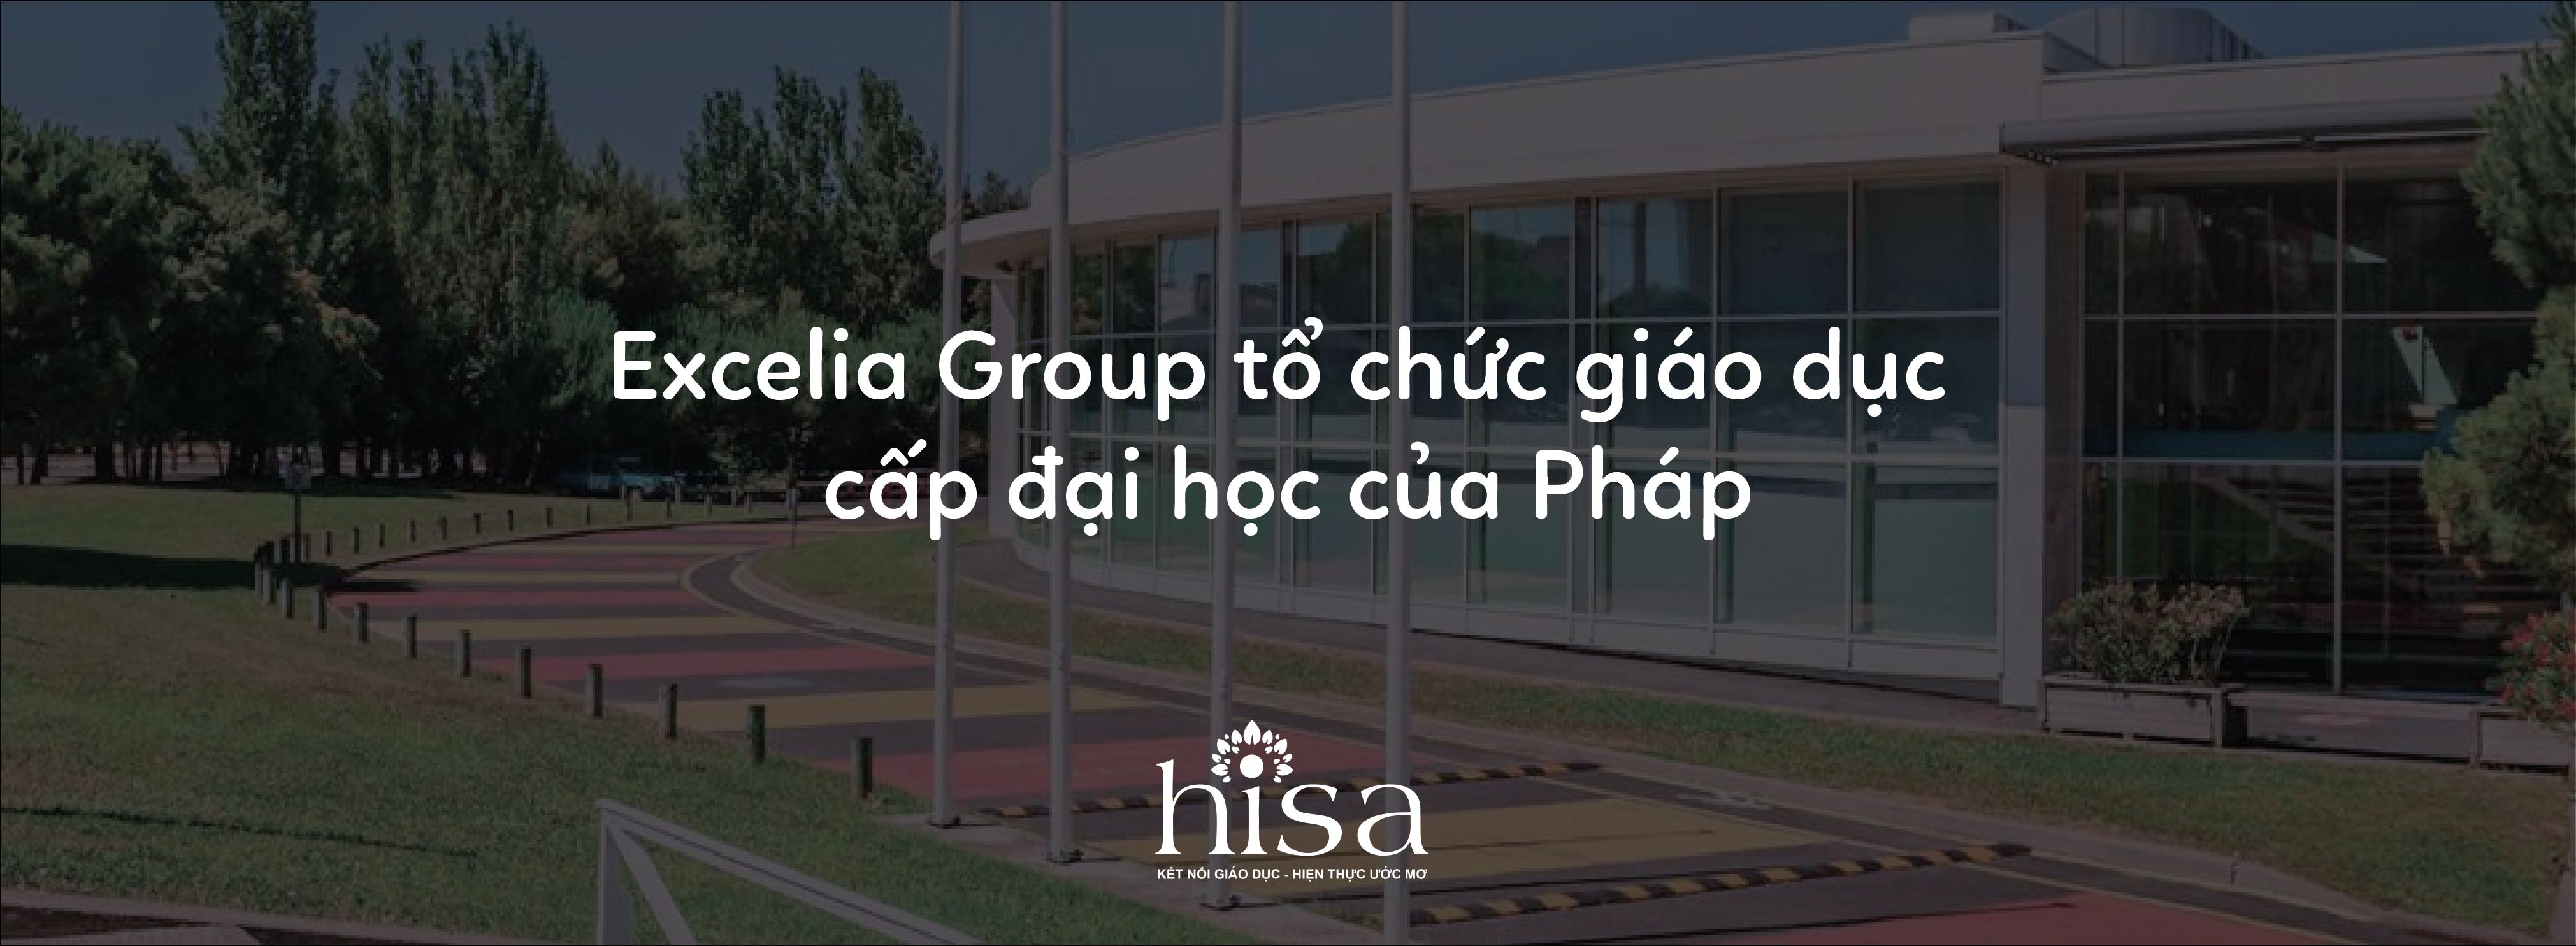 Excelia Group du học Pháp